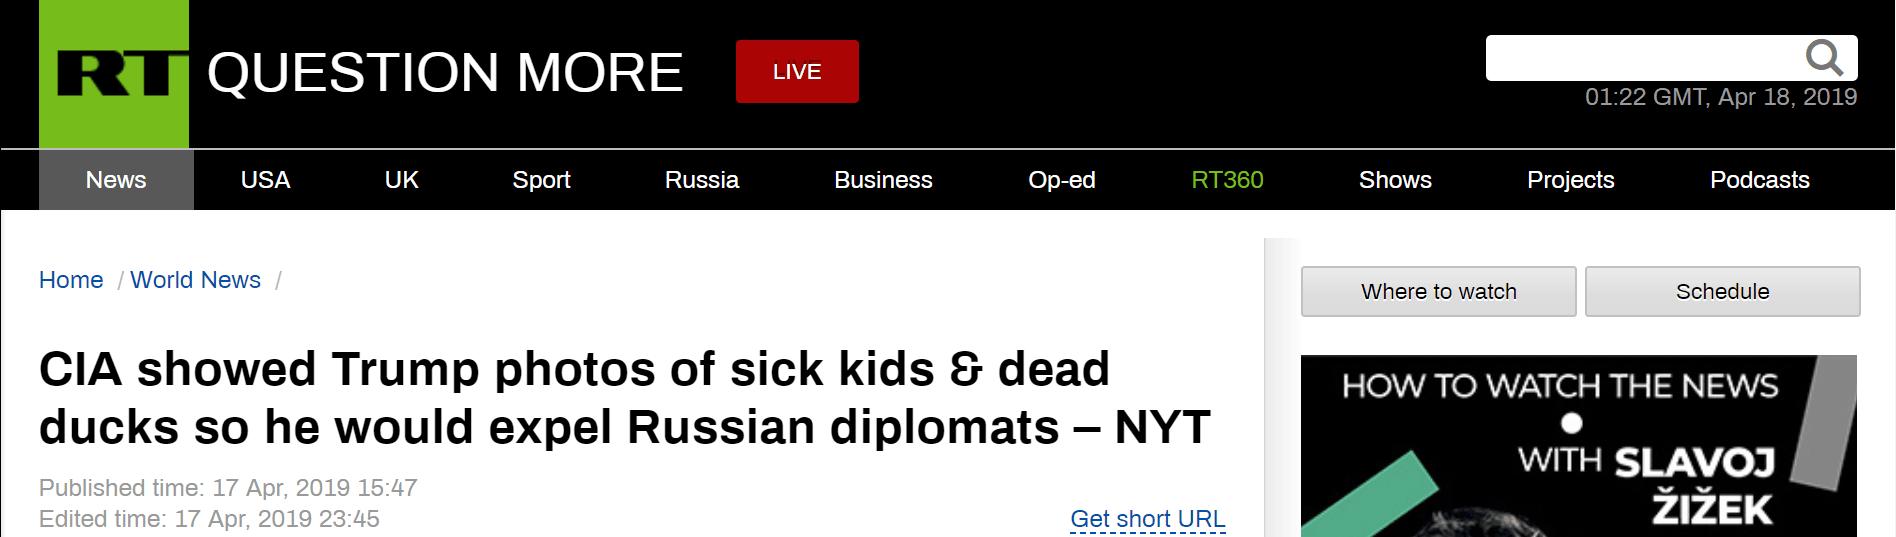 外媒:为劝特朗普驱逐俄外交官,CIA局长给他看死鸭子的照片